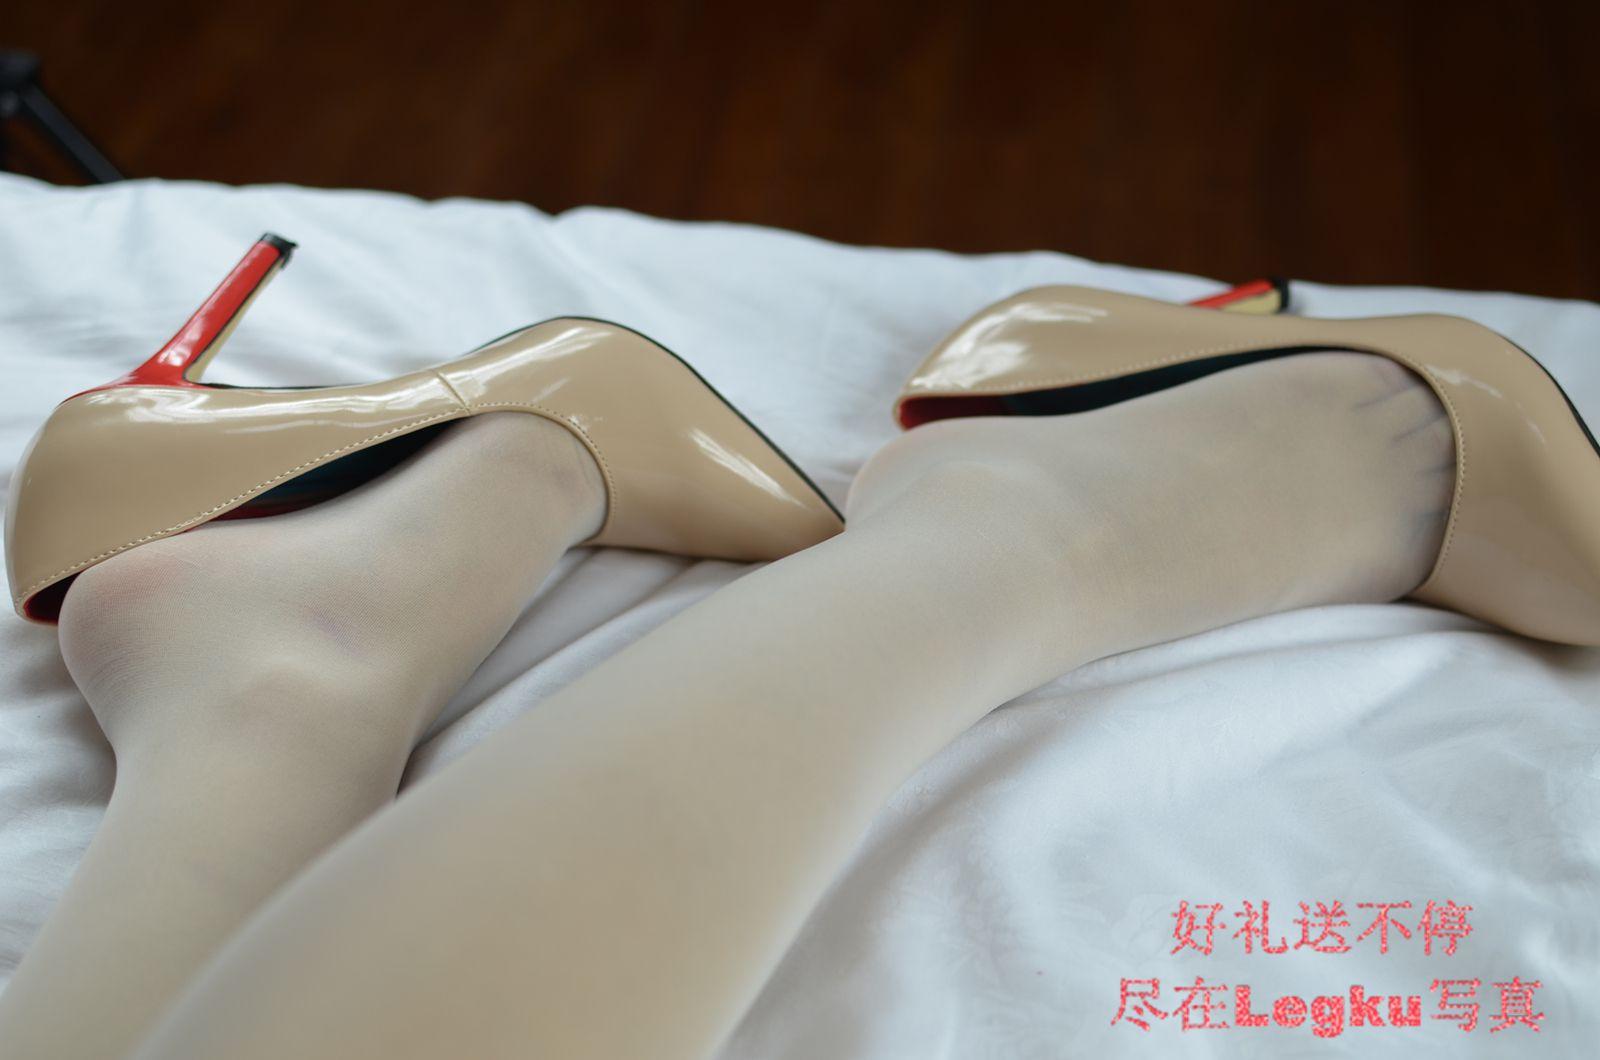 白色透视蕾丝睡衣+肉丝袜 写真套图